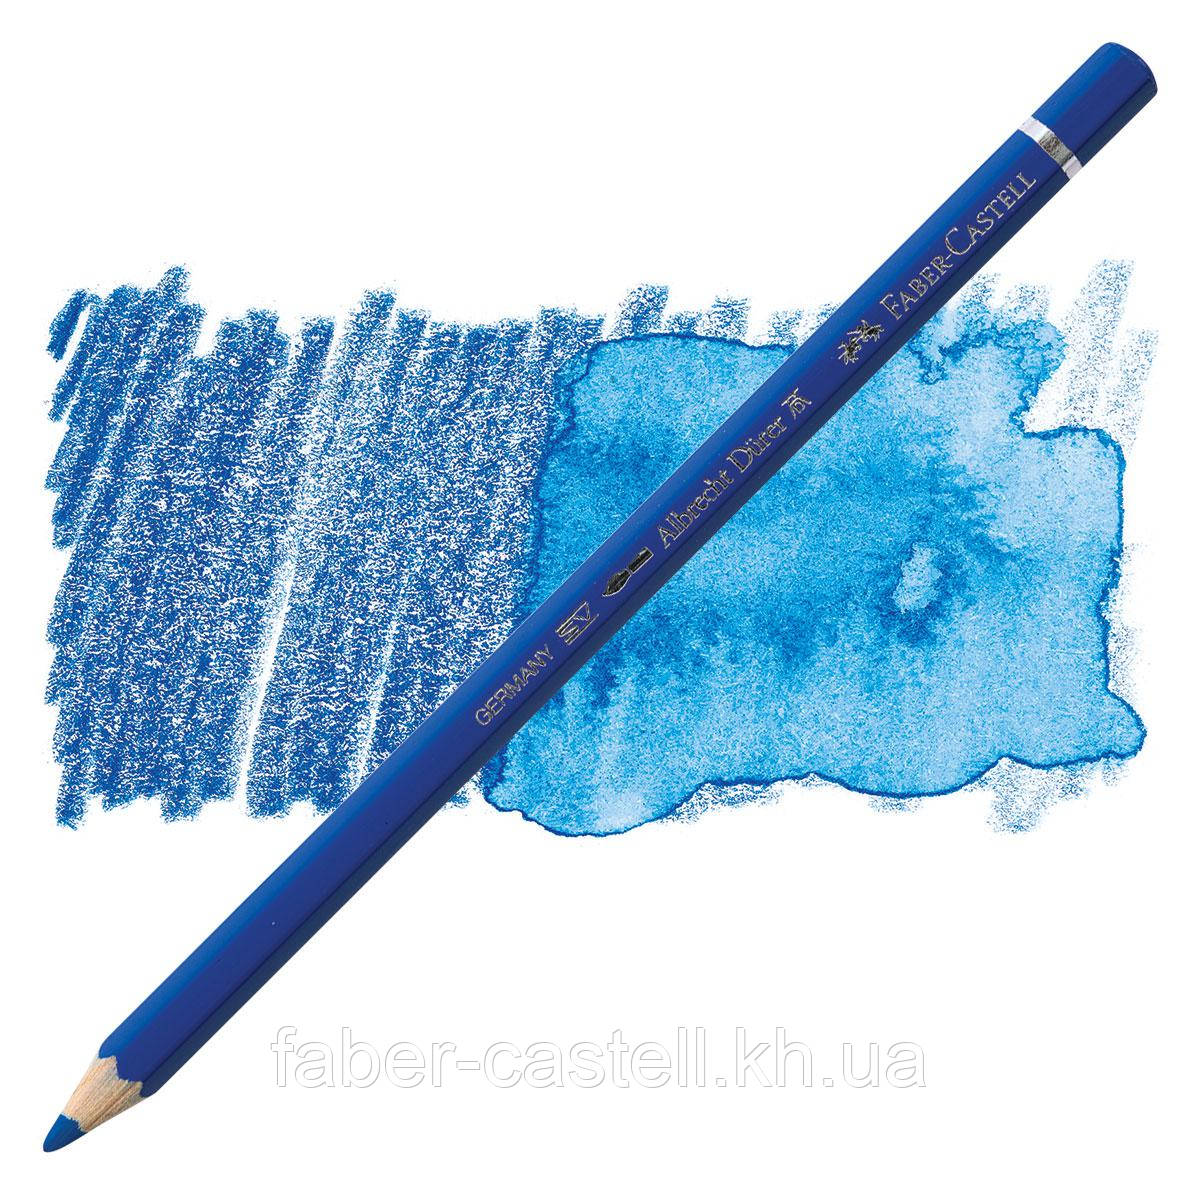 Карандаш акварельный цветной Faber-Castell A. Dürer зеленоватая кобальтовая синь (Cobalt Blue Greenish)  №144